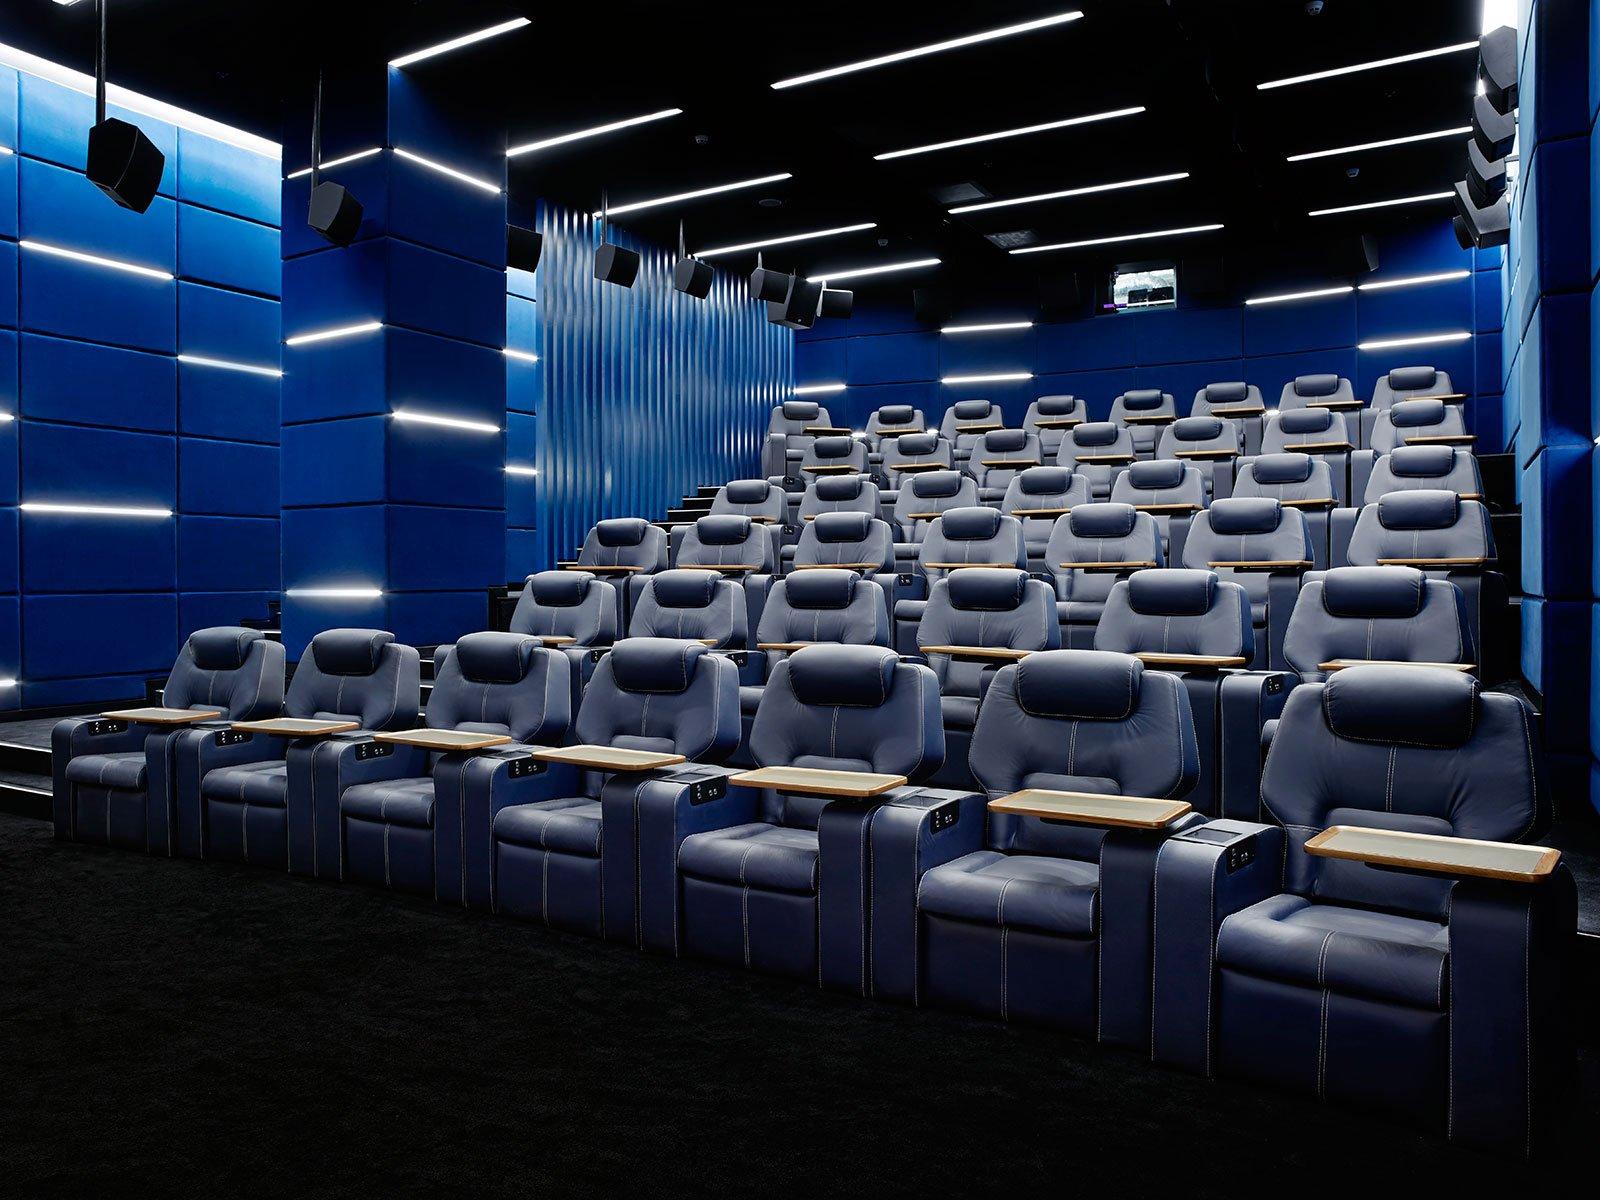 кинотеатр в москве цены на билеты